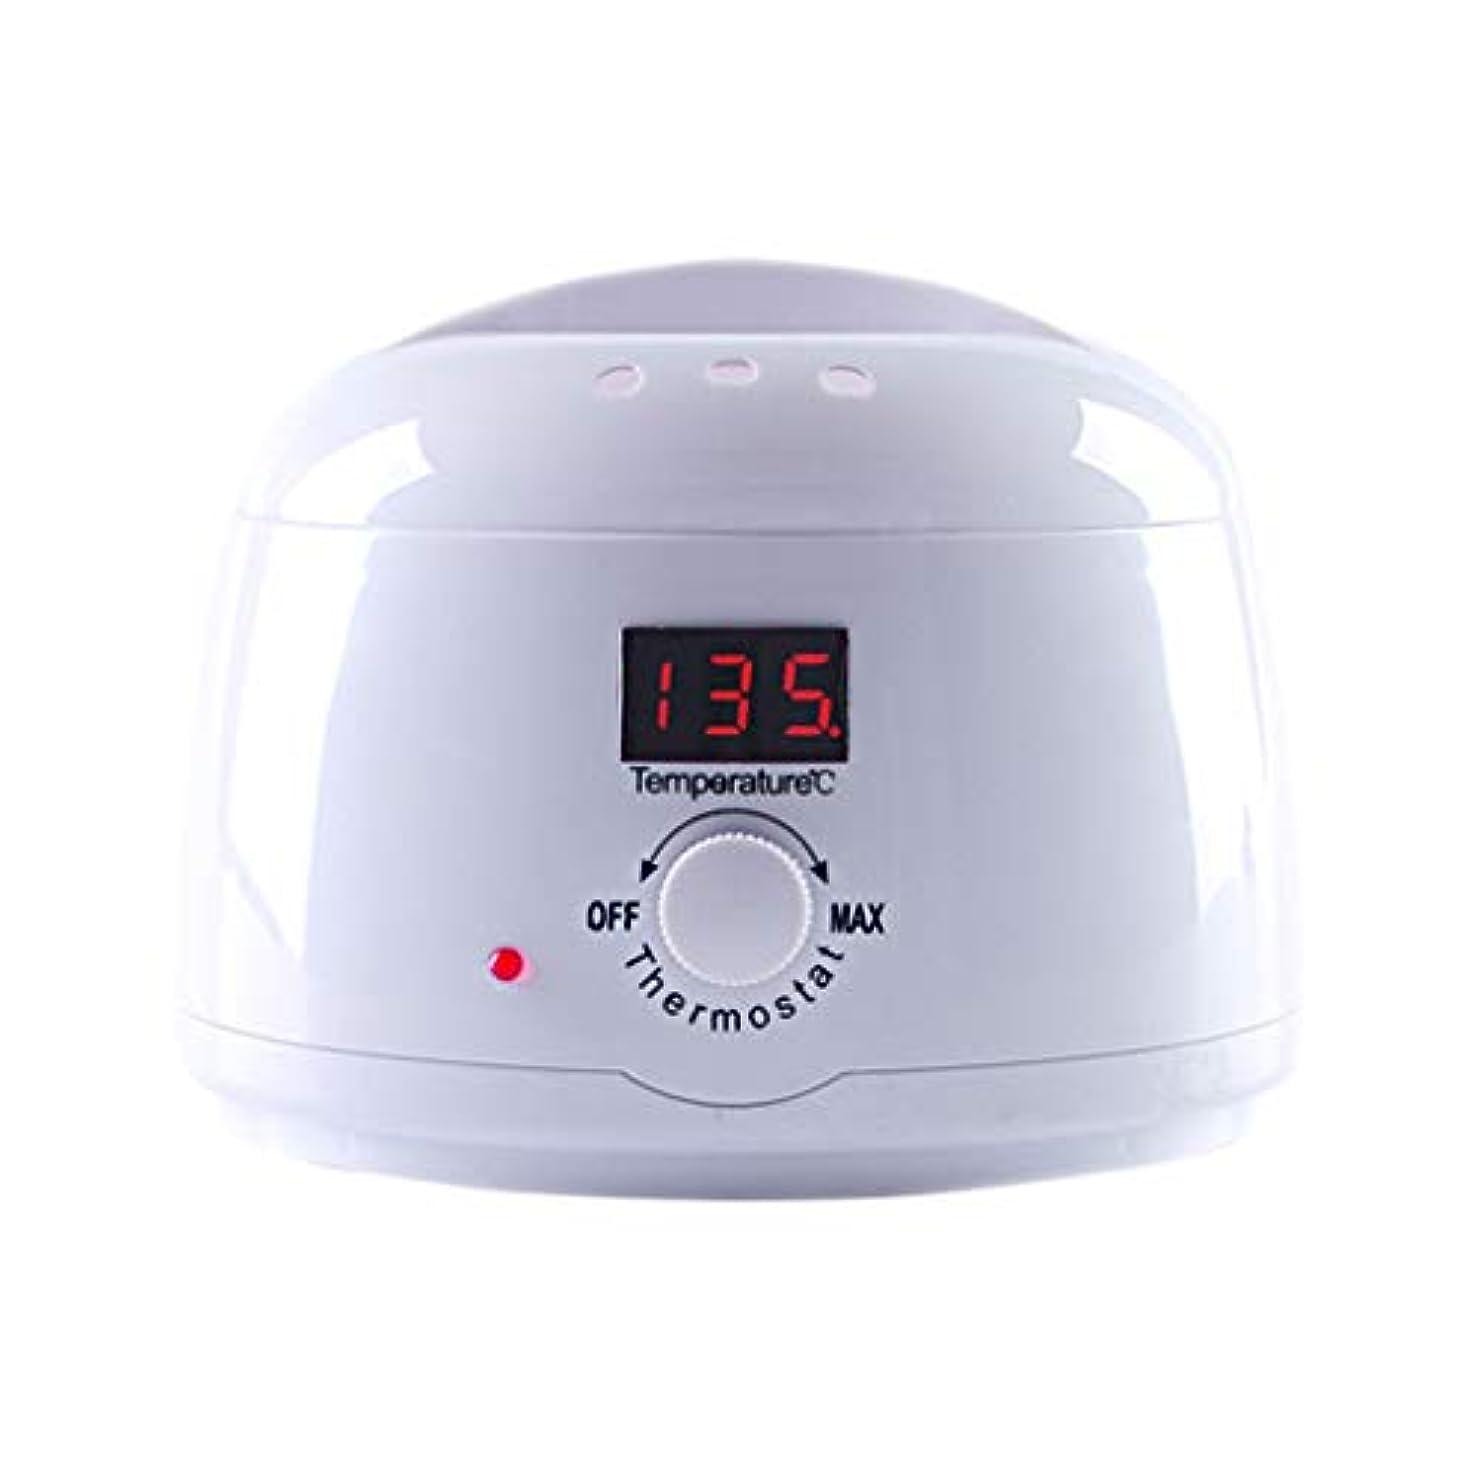 バンドル契約したメナジェリーハードワックスLED表示ハードワックスワックスアプリケーターは、インテリジェント温度ワックスウォーマーワックスがけアプリケーターコントロールシステムタッチボタン、ワックスがけアプリケータースティック